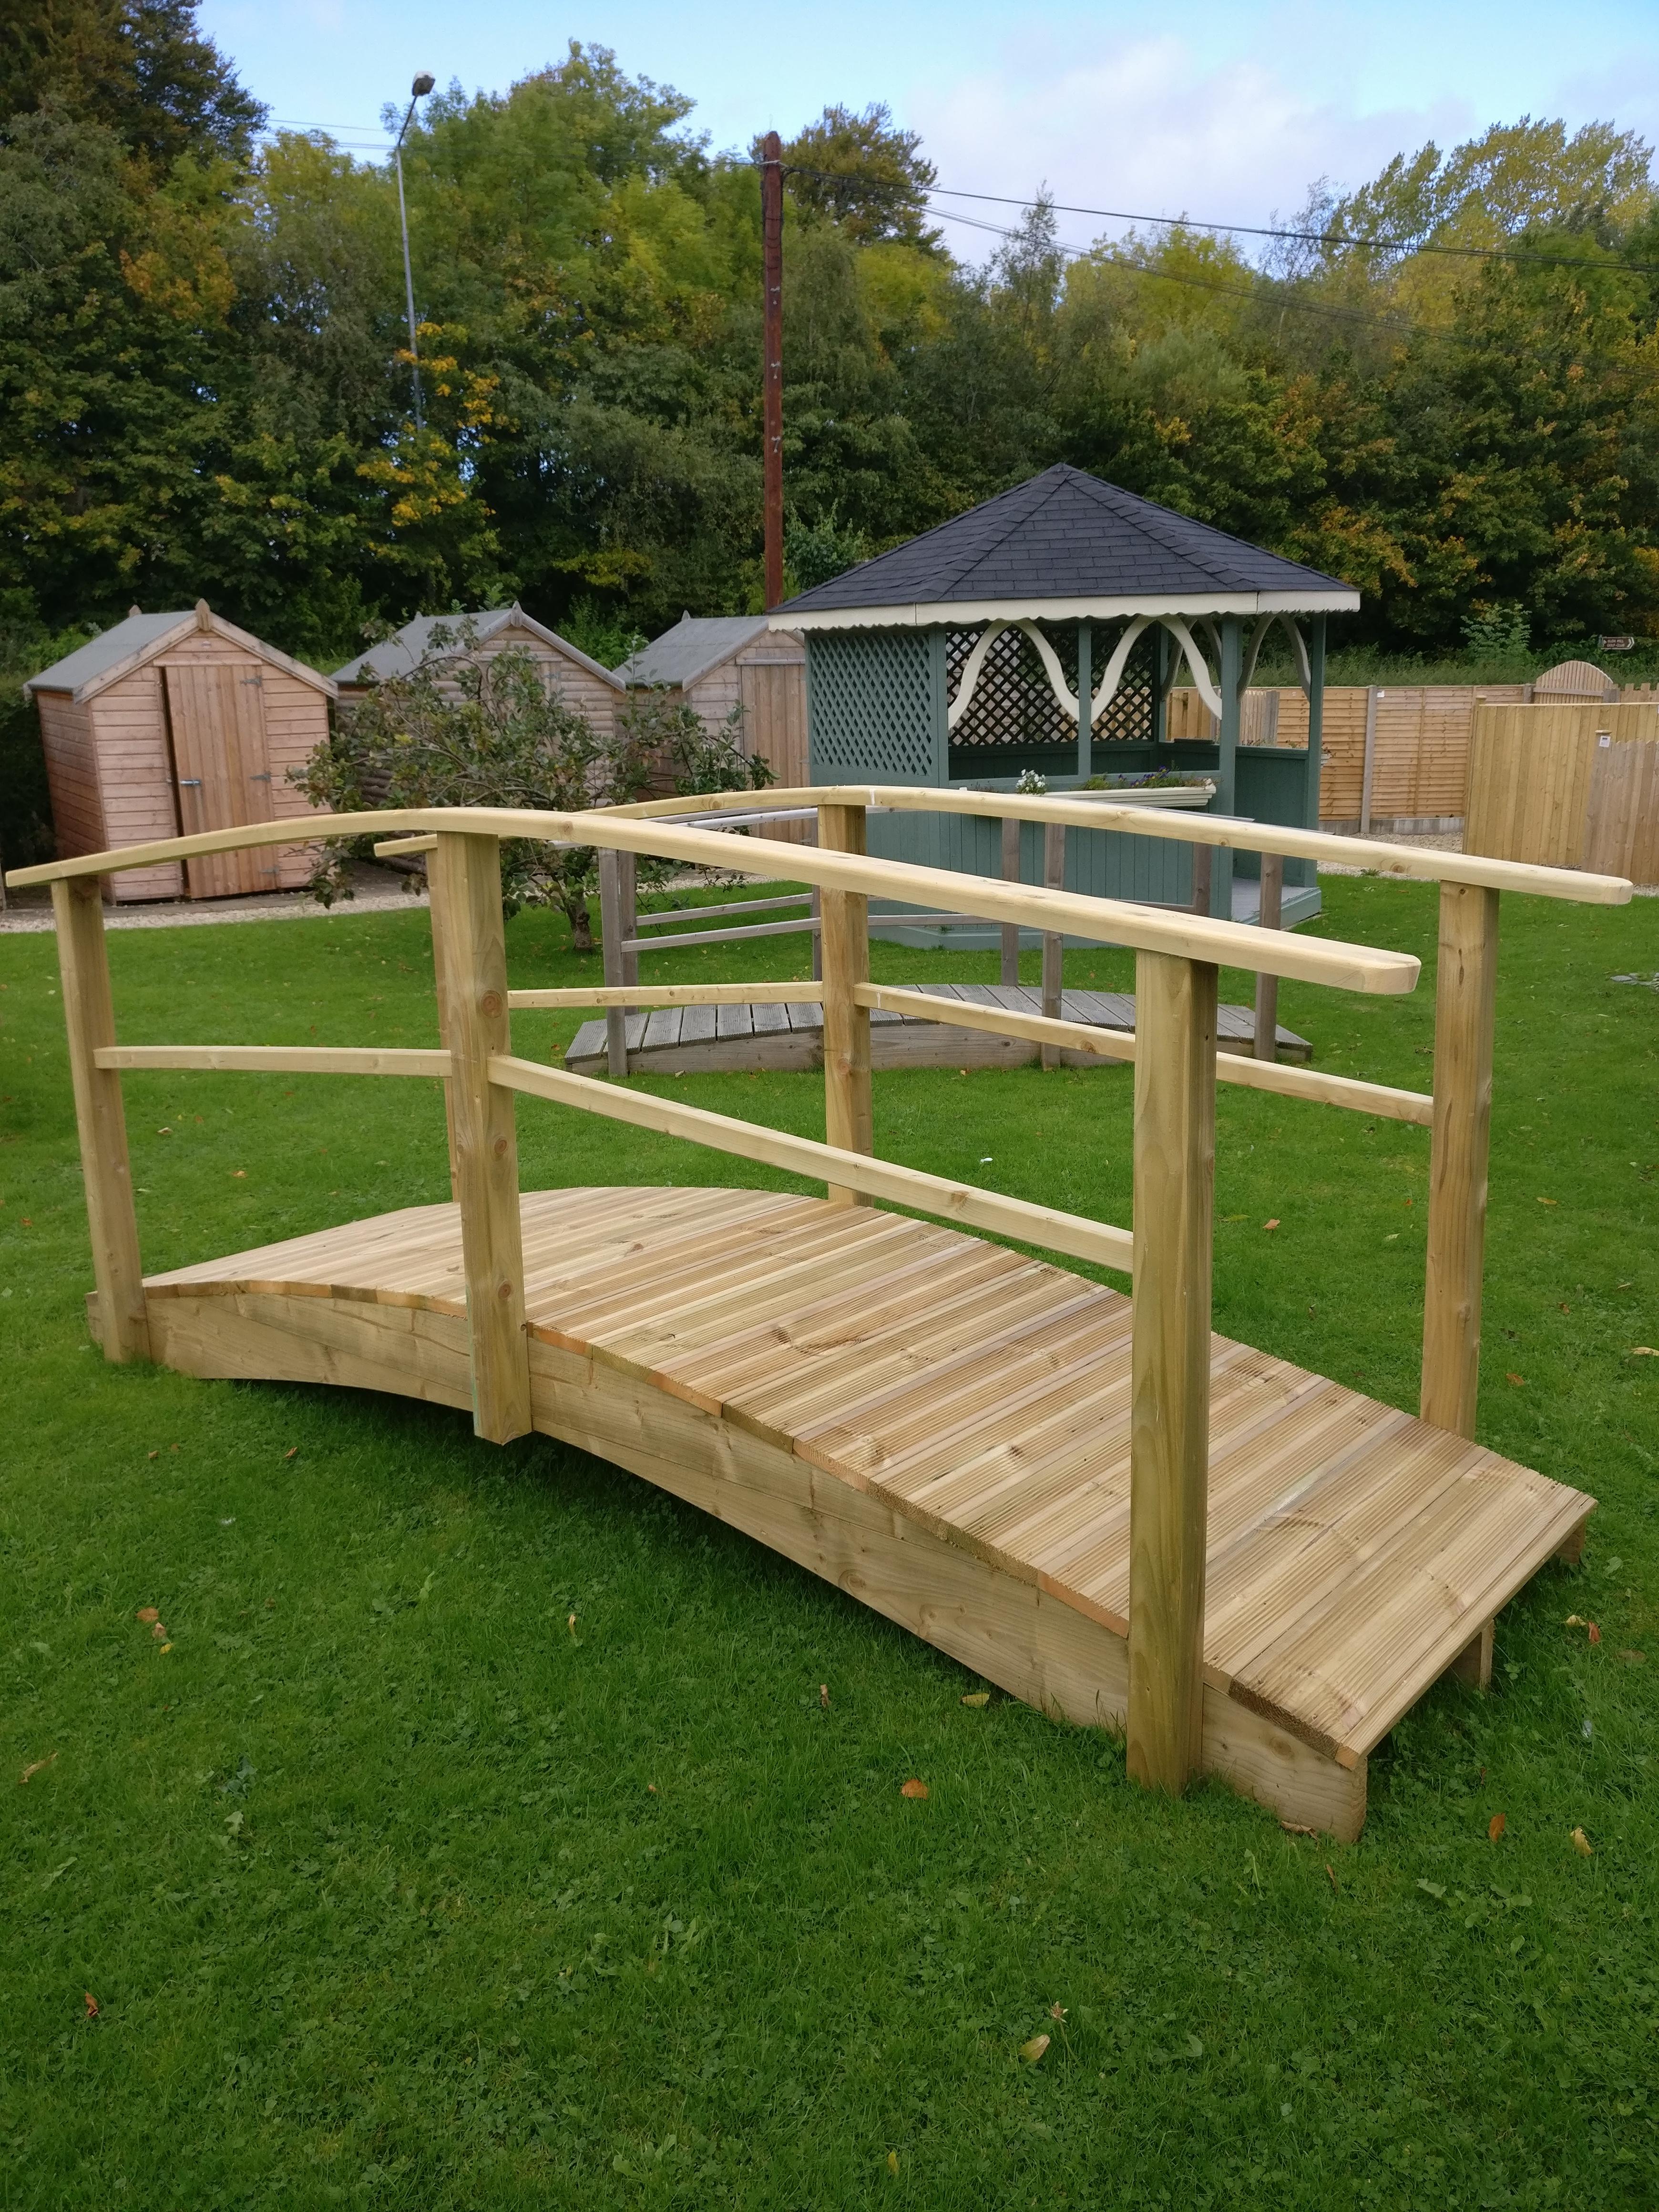 Garden Bridges Wooden Foot Bridge Abwood Homes